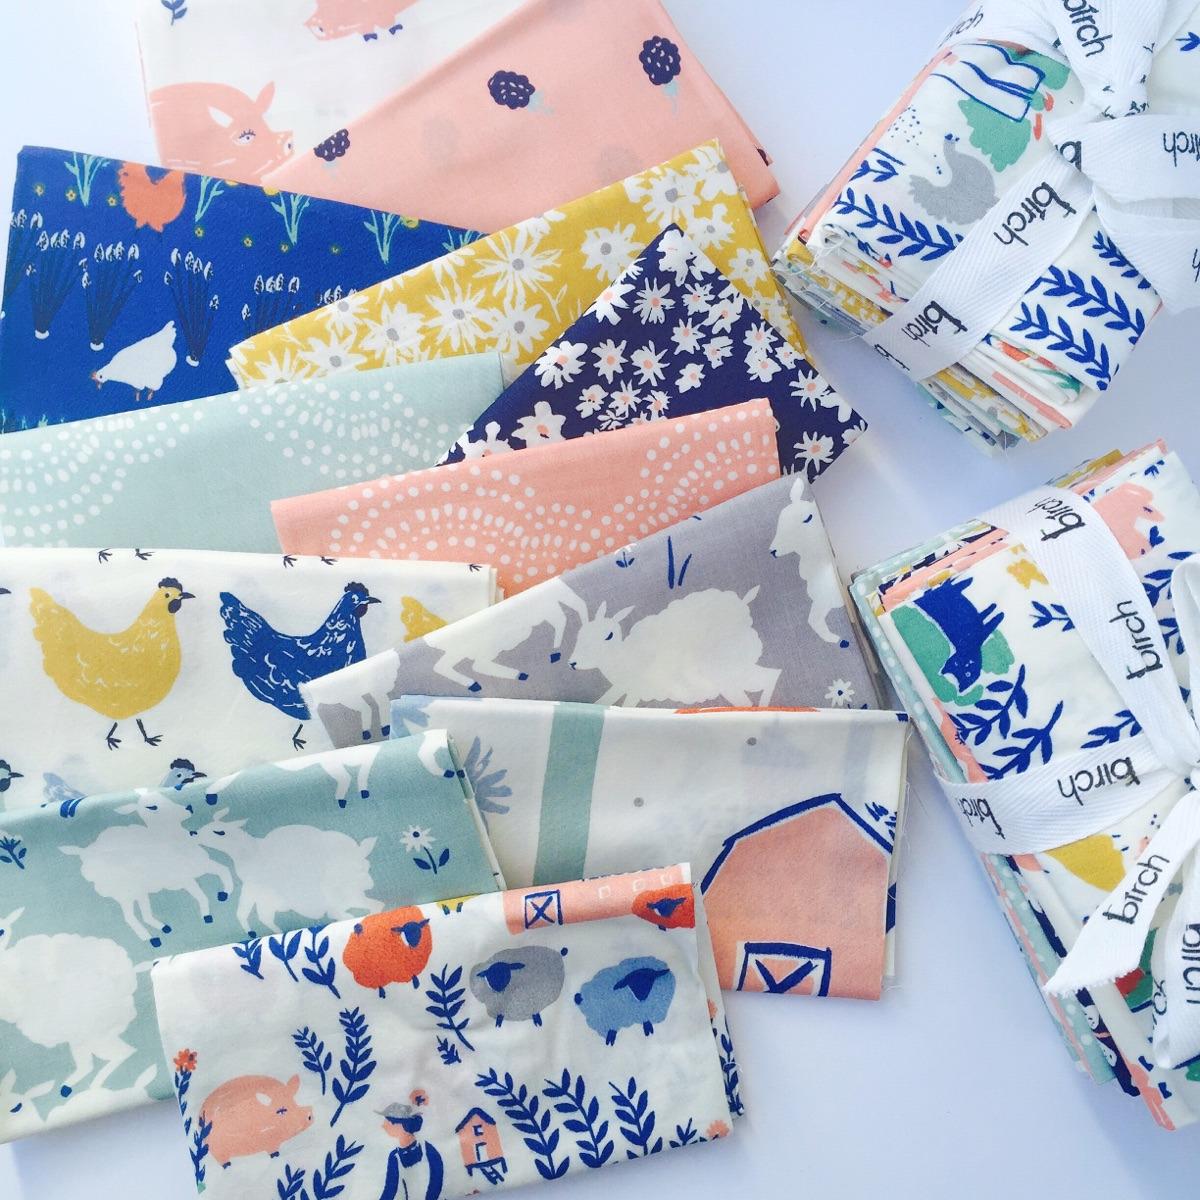 modern threads quilt shop (@modernthreads) Cover Image